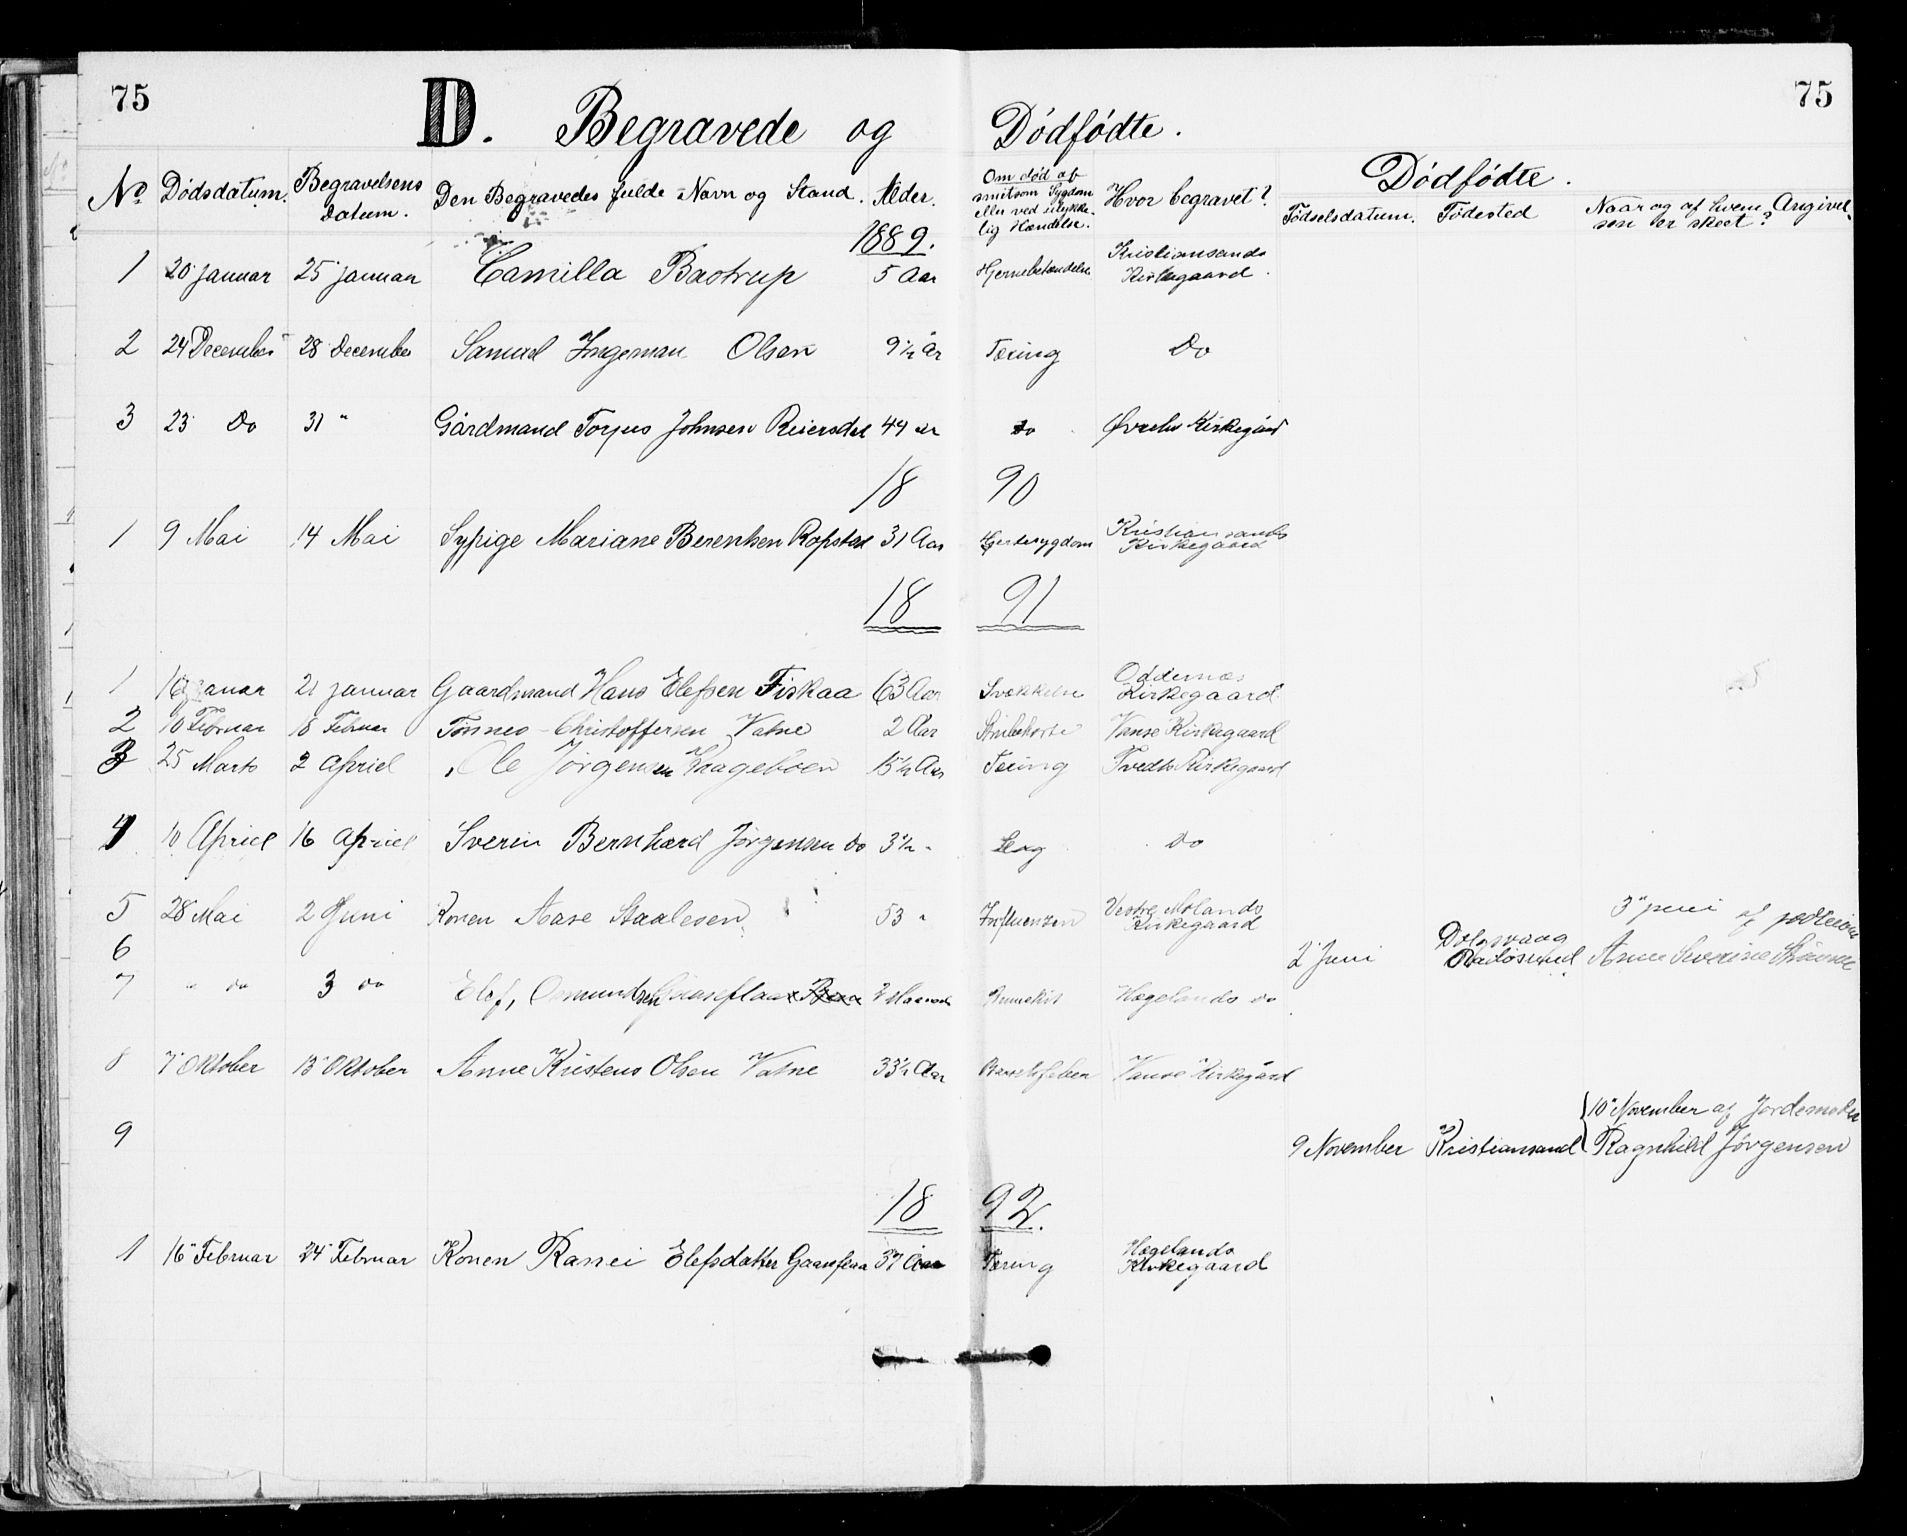 SAK, Den evangelisk-lutherske frikirke, Kristiansand, F/Fa/L0002: Dissenterprotokoll nr. F 10, 1889-1892, s. 75